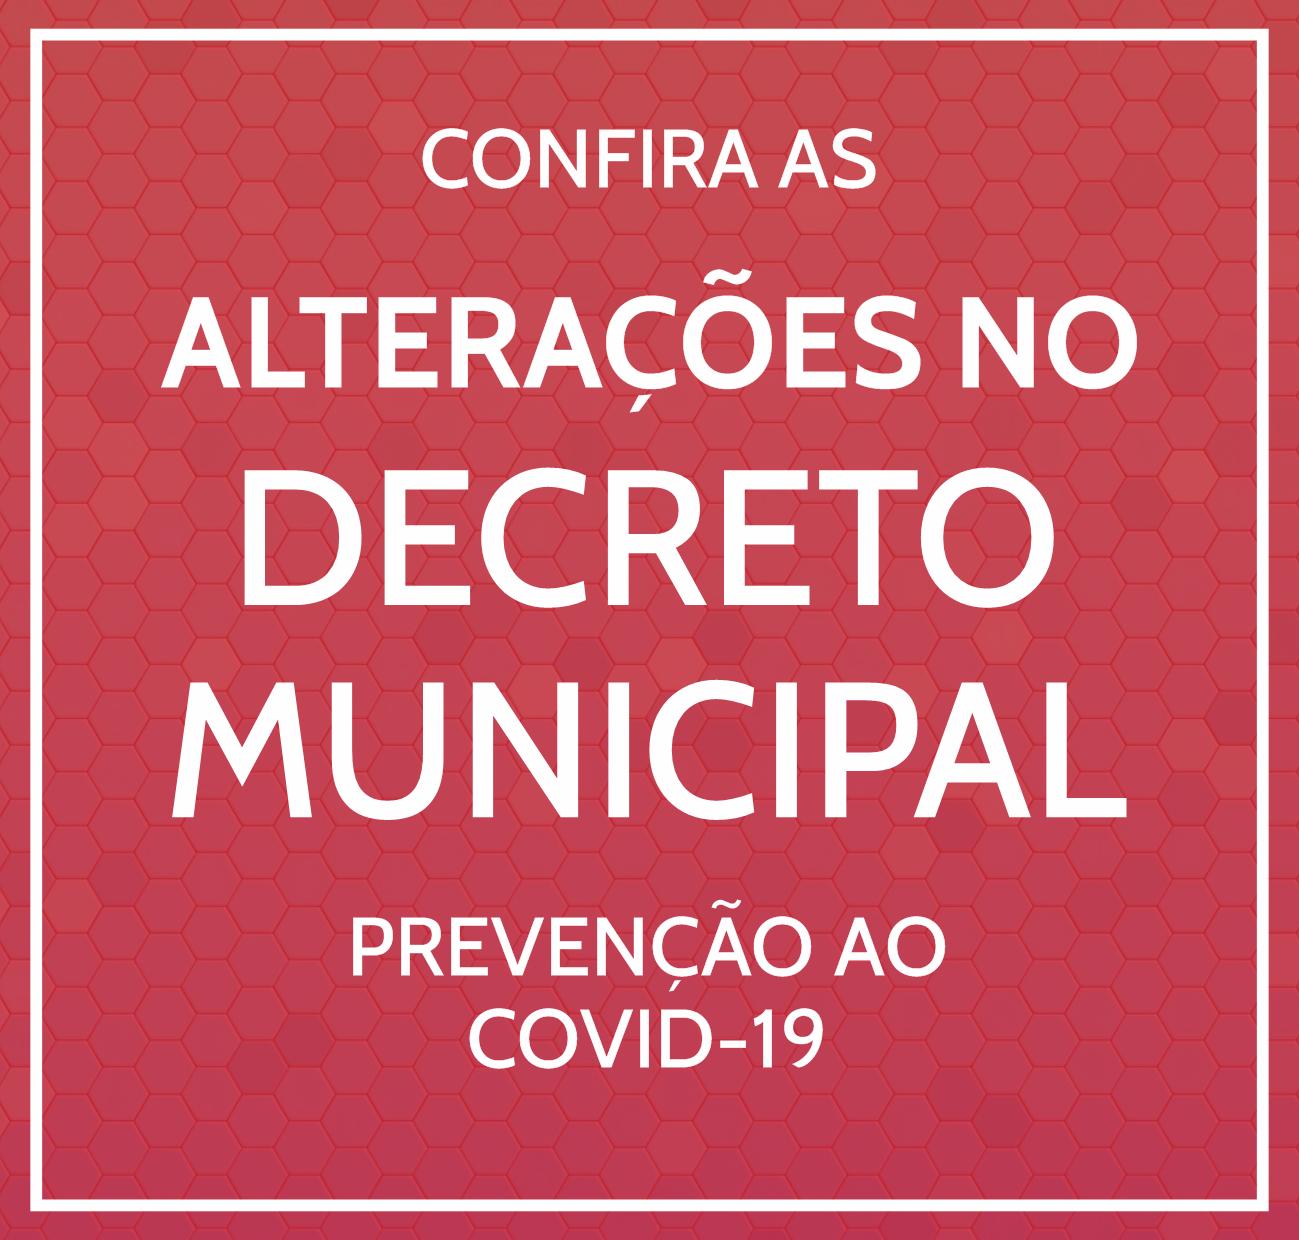 ALTERAÇÕES DECRETO MUNICIPAL